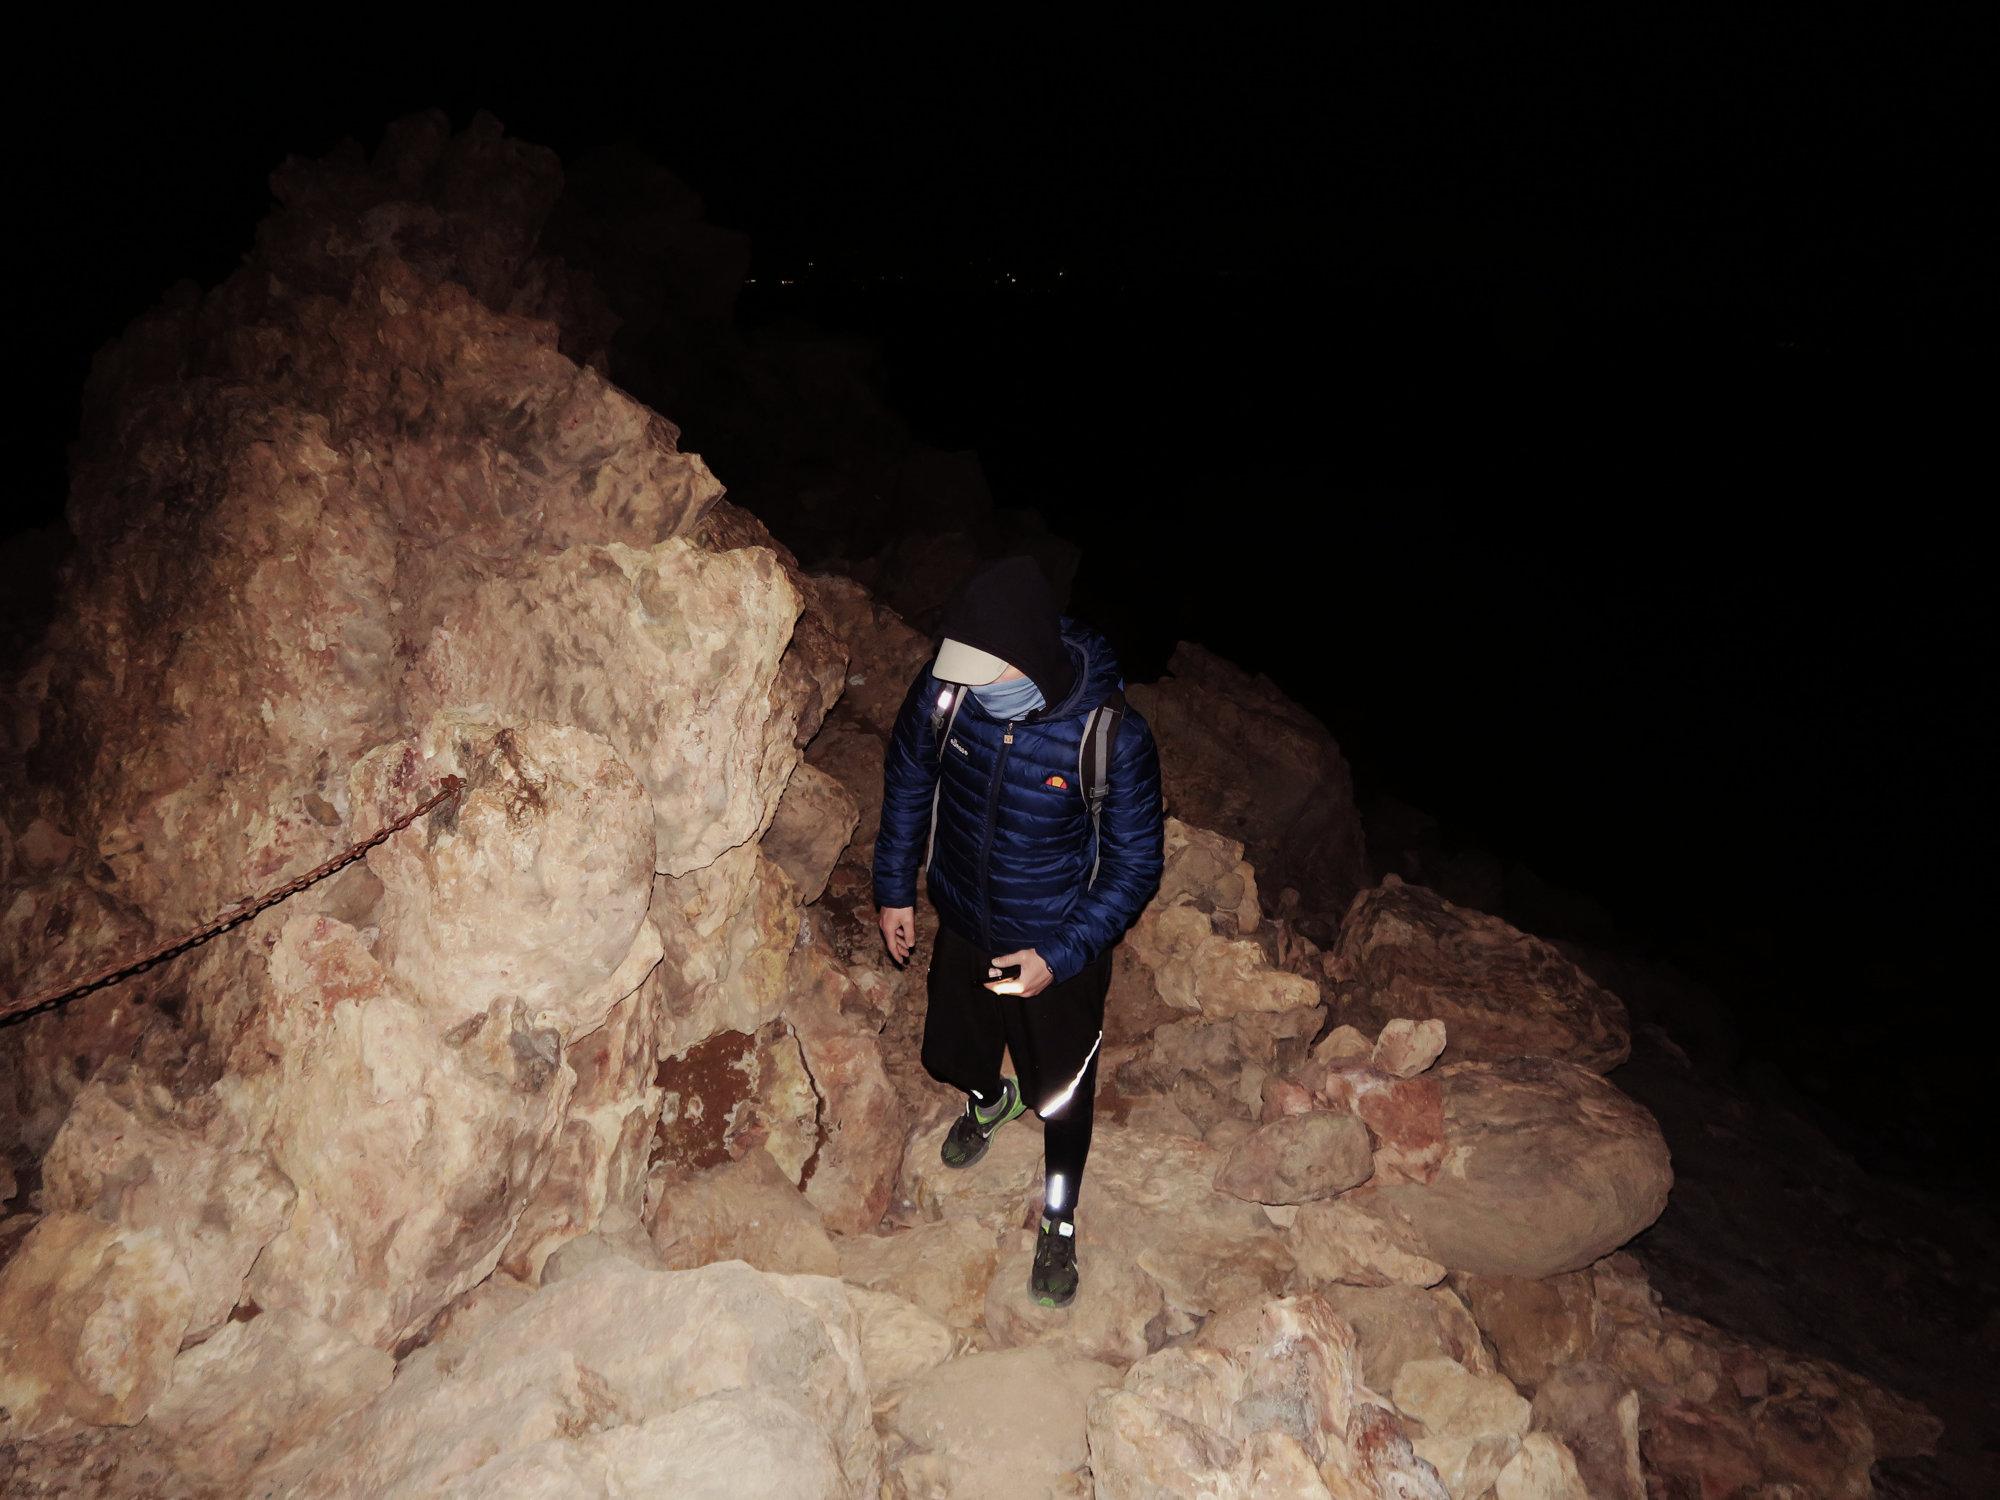 Aufstieg zum Teide Gipfel im Dunkeln, Pico del Teide Aufstieg nachts